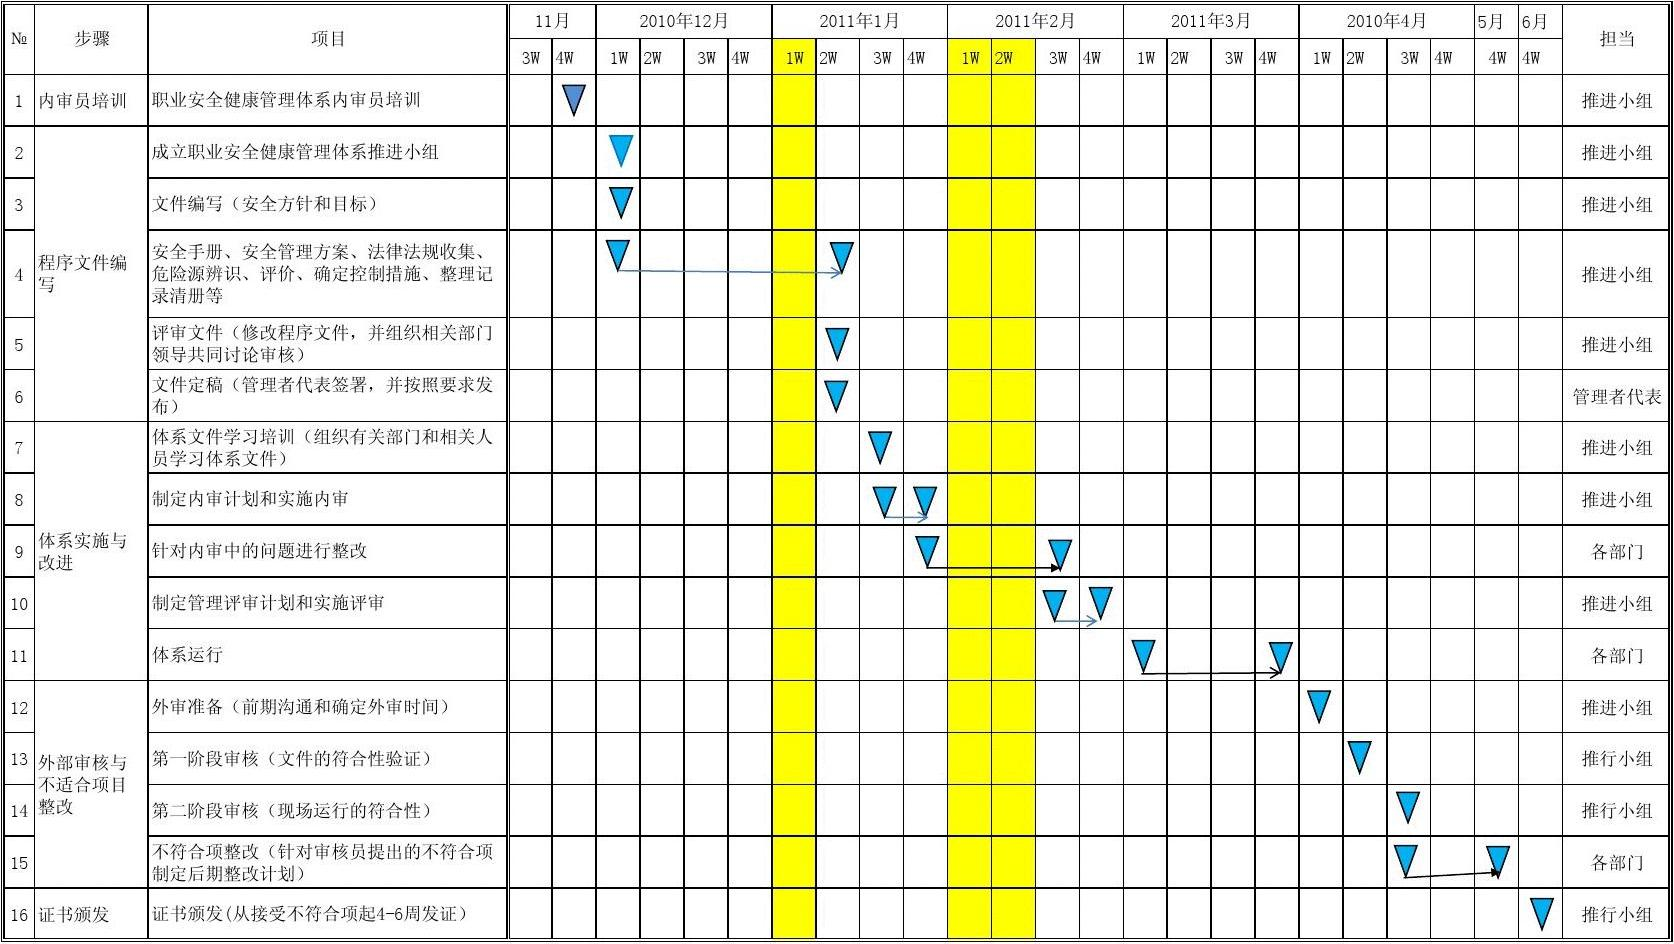 职业安全健康管理体系认证活动计划网校沪江课件下载日语图片